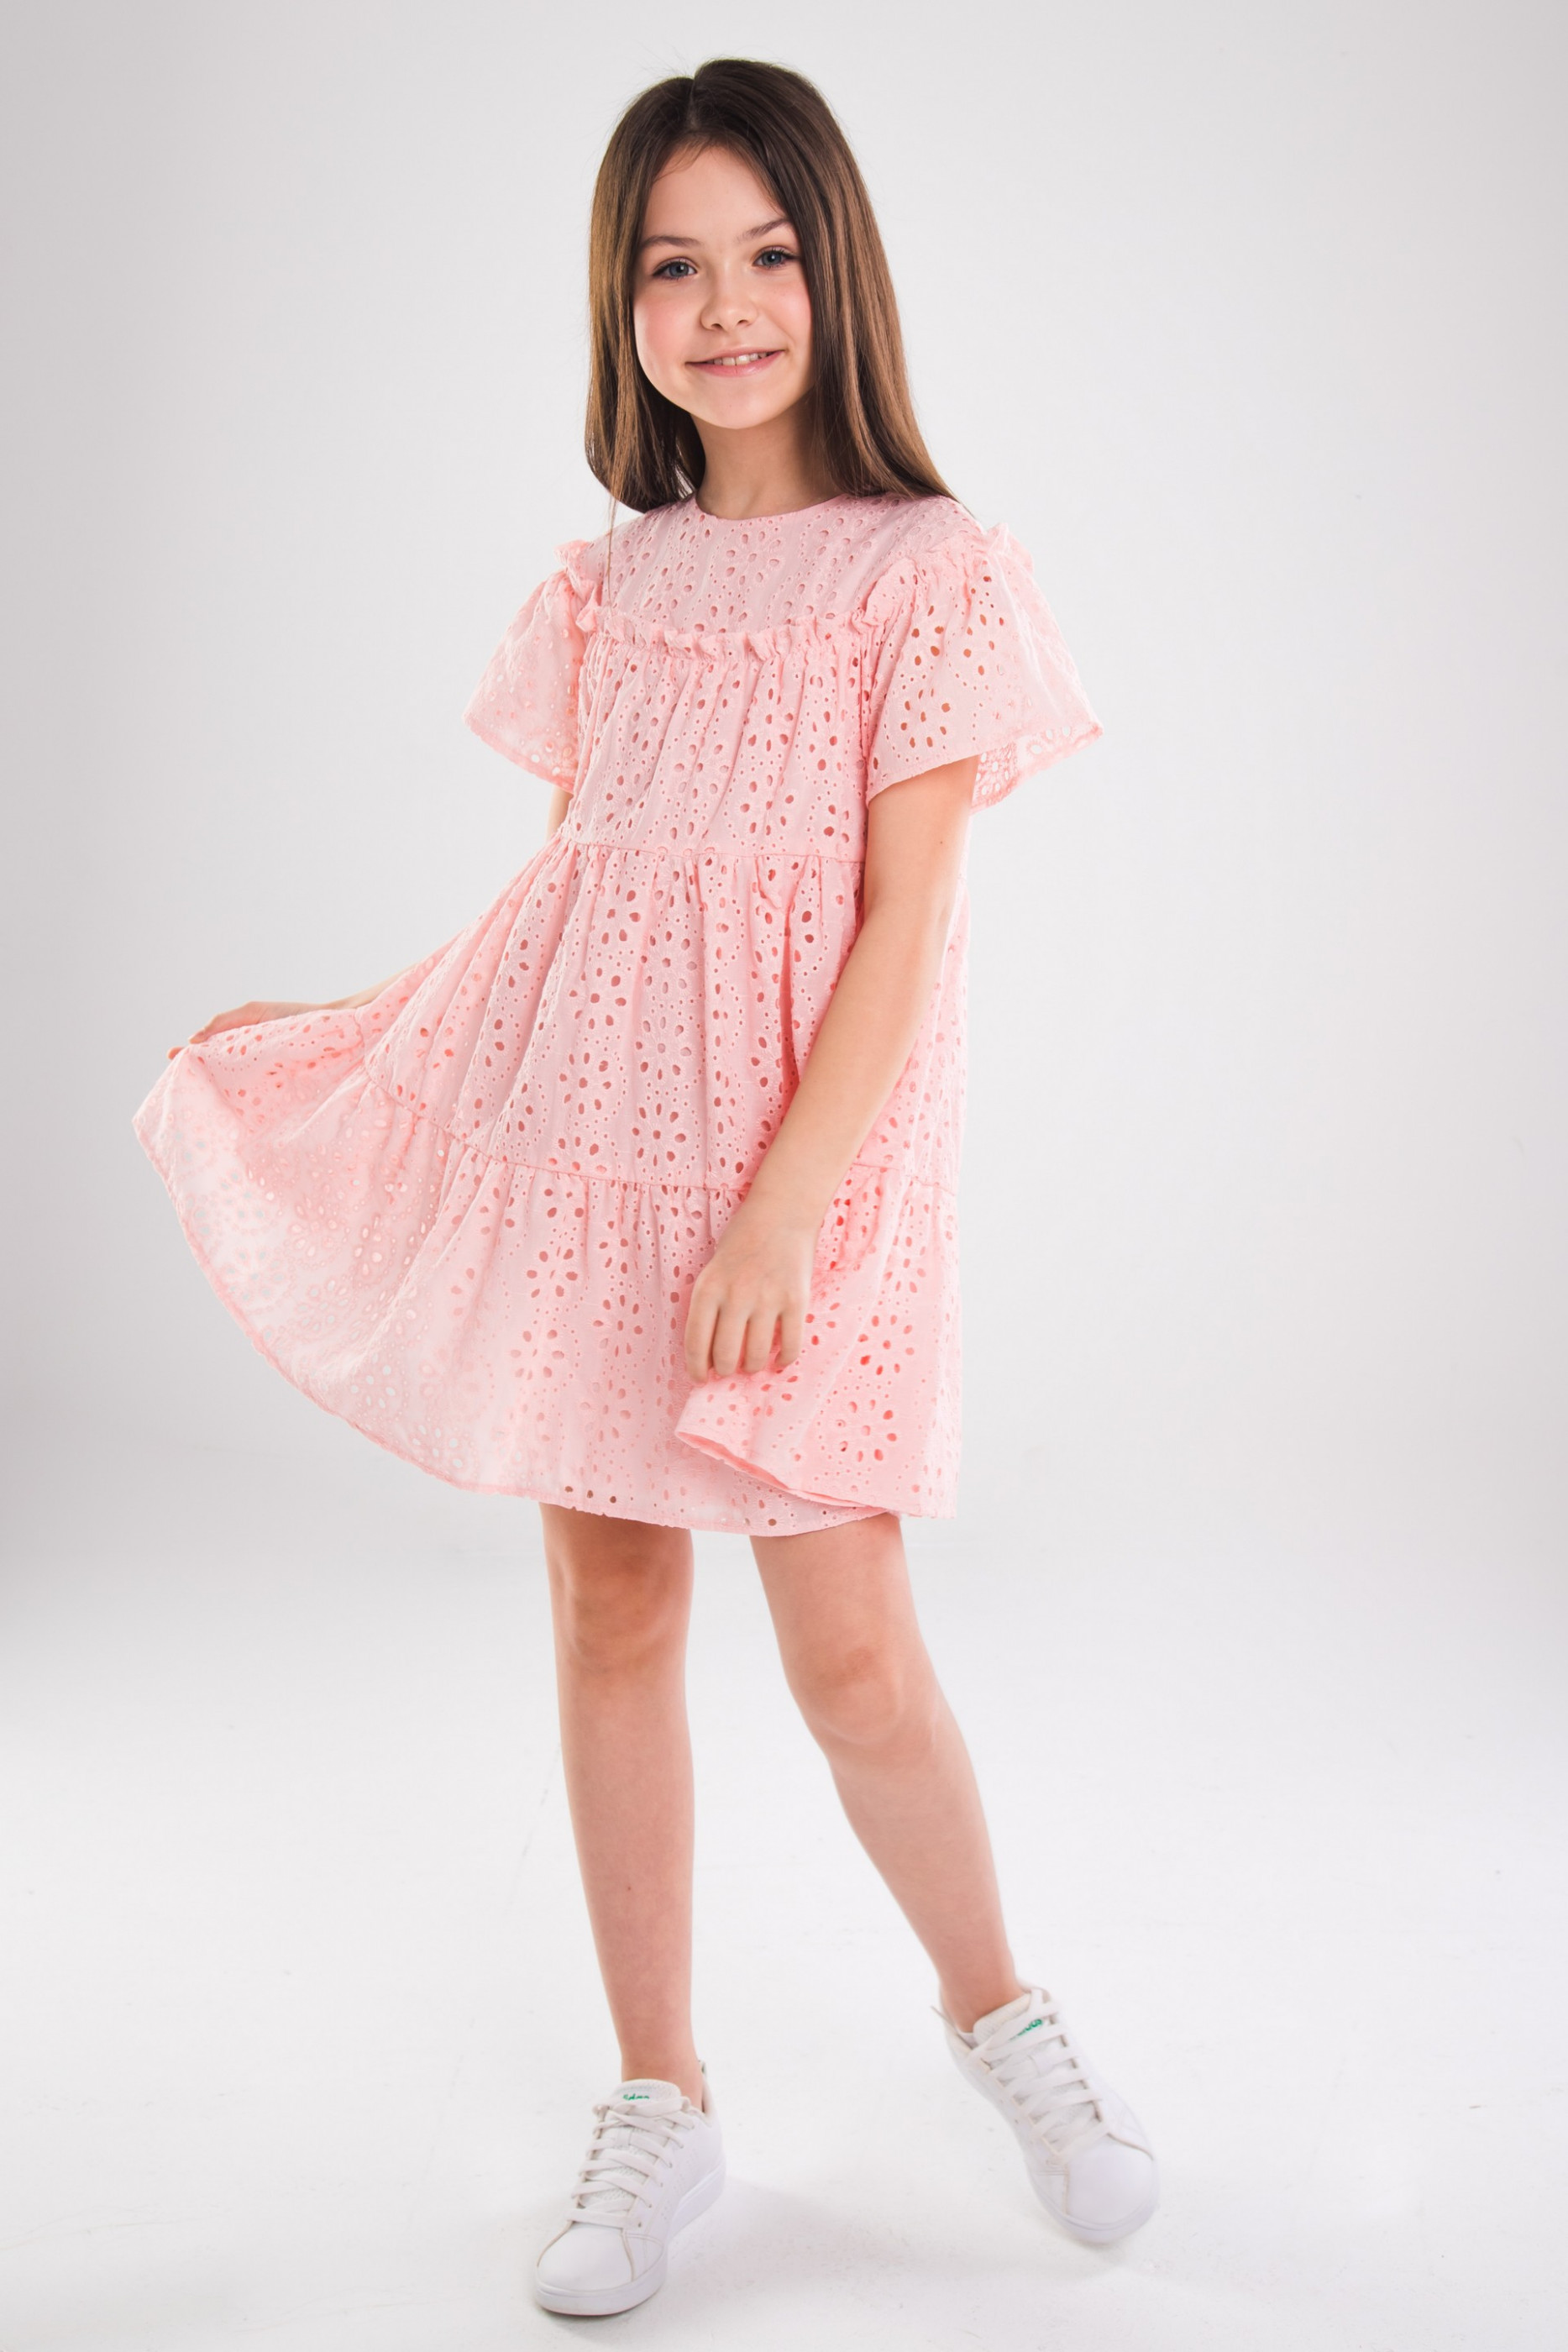 Плаття Амі, фото №8